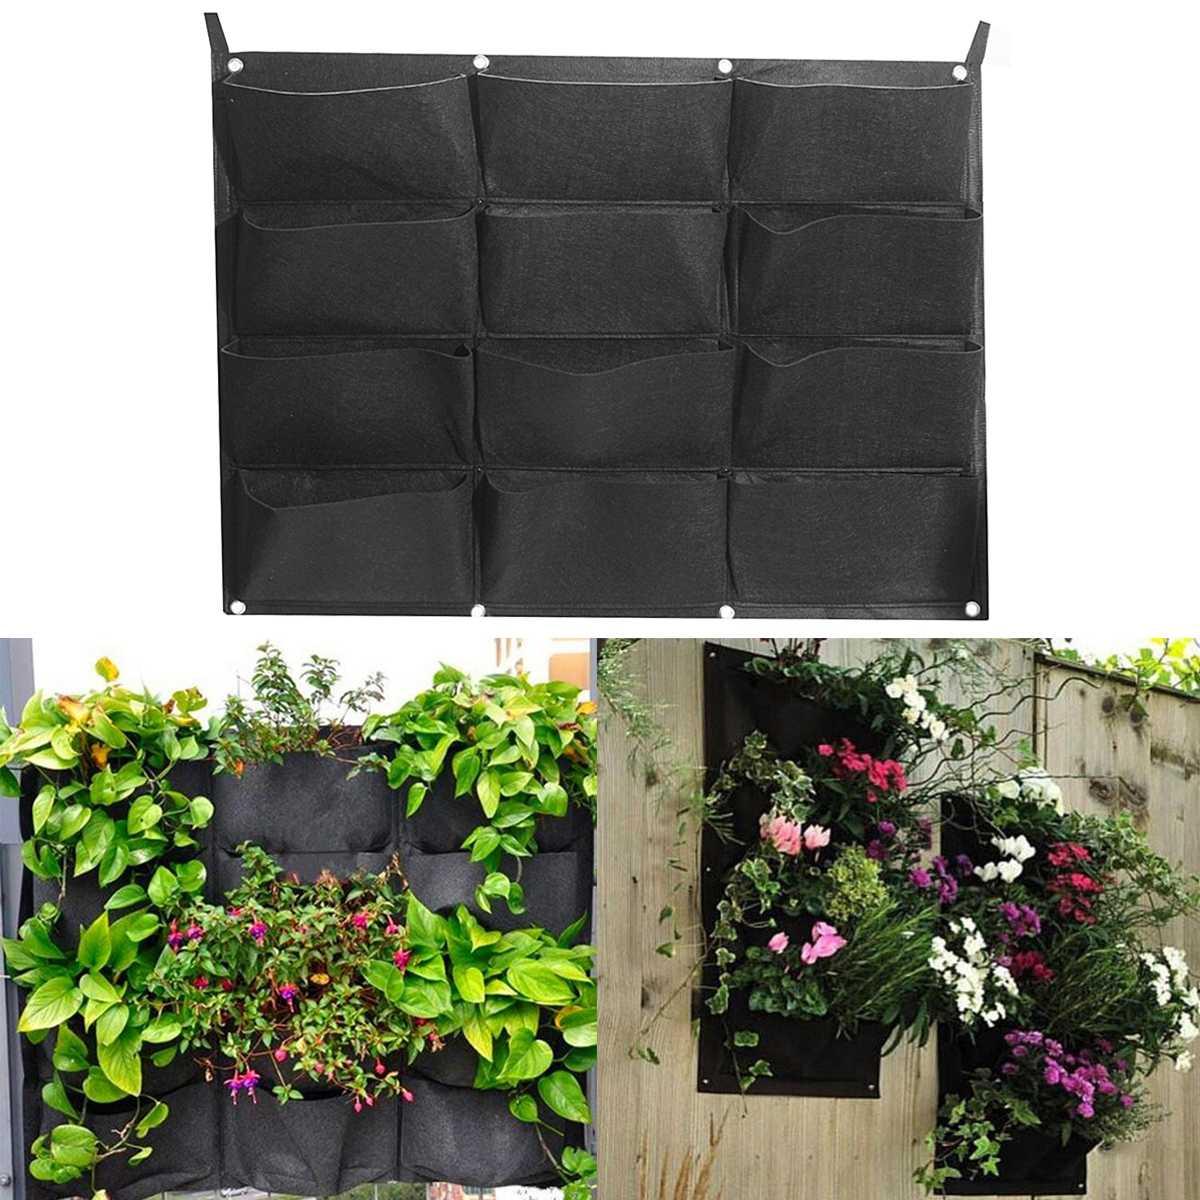 12 Pocket Vertical Garden Planter Wall-mounted Planting Flower Grow Bag Hot Vegetable Living Garden Supplies 80x60cm